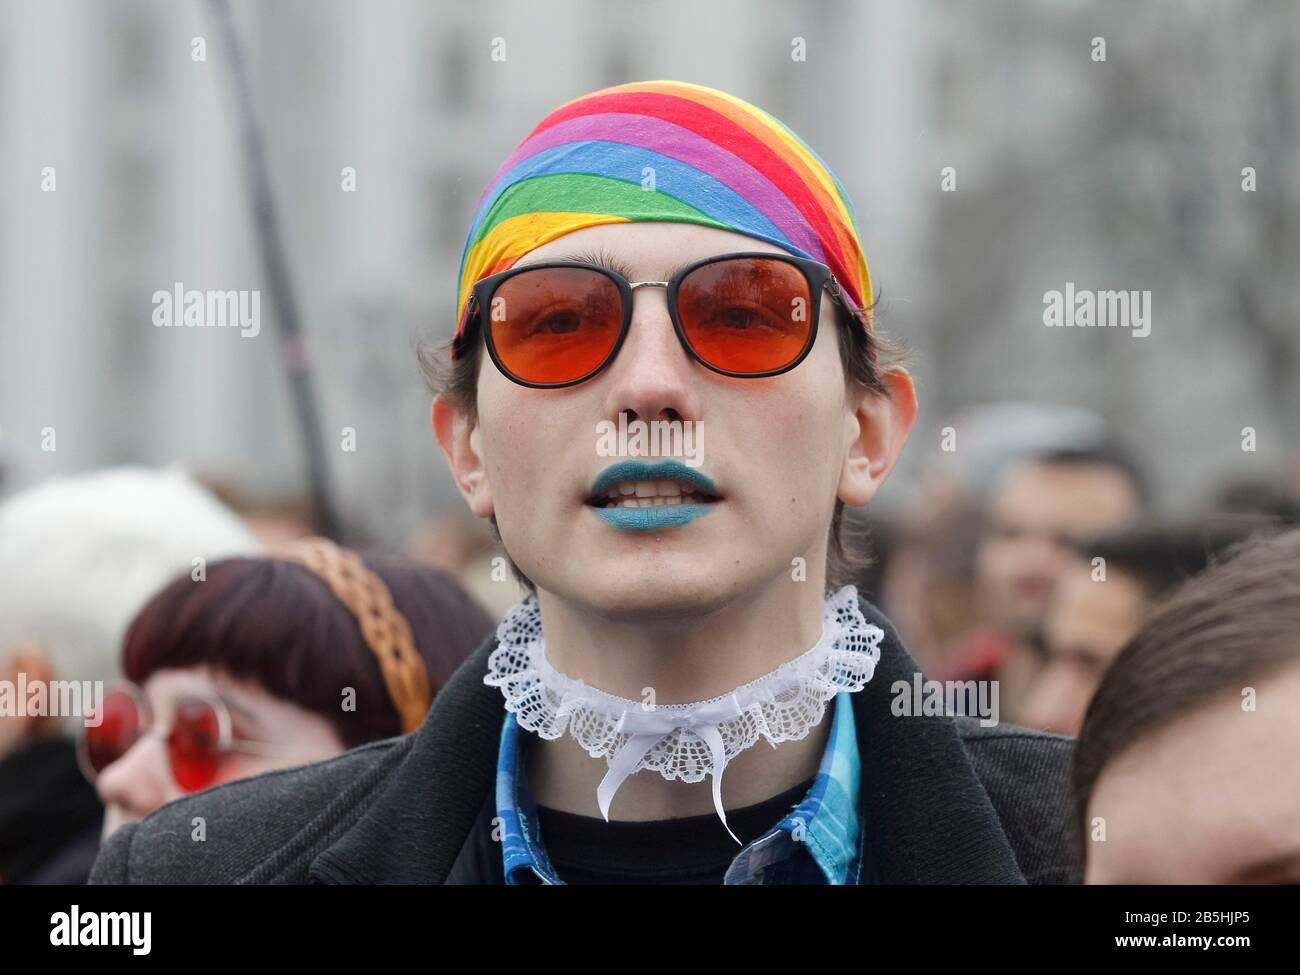 Miembro de la LGBTQ durante la marcha. Bajo el lema la igualdad es un valor tradicional, feministas, personas LGBTQ y activistas de derechos humanos participaron en la marcha de las mujeres exigiendo ratificar la Convención del Consejo de Europa sobre la prevención y la lucha contra la violencia contra las mujeres y la violencia doméstica, también conocida como la Convención de Estambul. Foto de stock